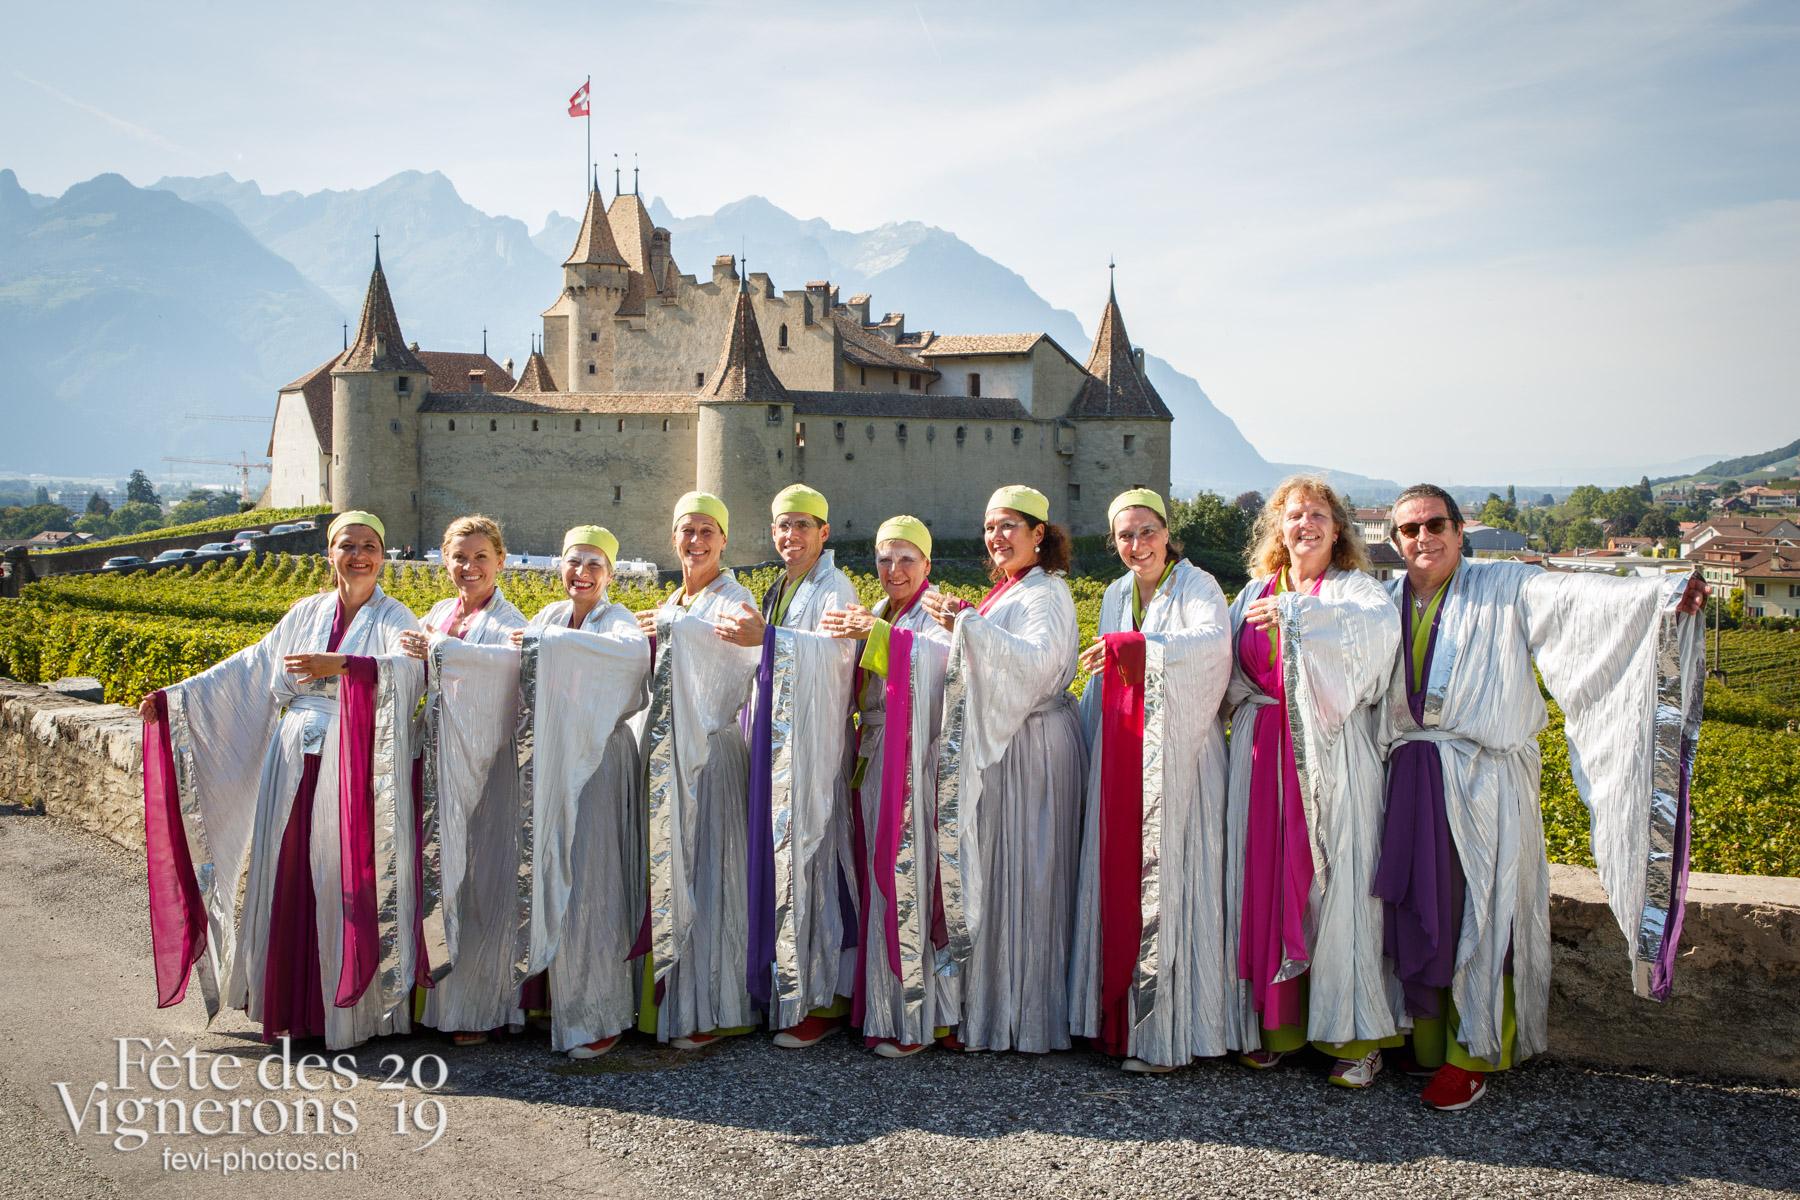 Récéption Aigle-Yvorne - Groupe, Maîtres-Tailleurs, Récéption Aigle-Yvorne. Photographes de la Fête des Vignerons 2019